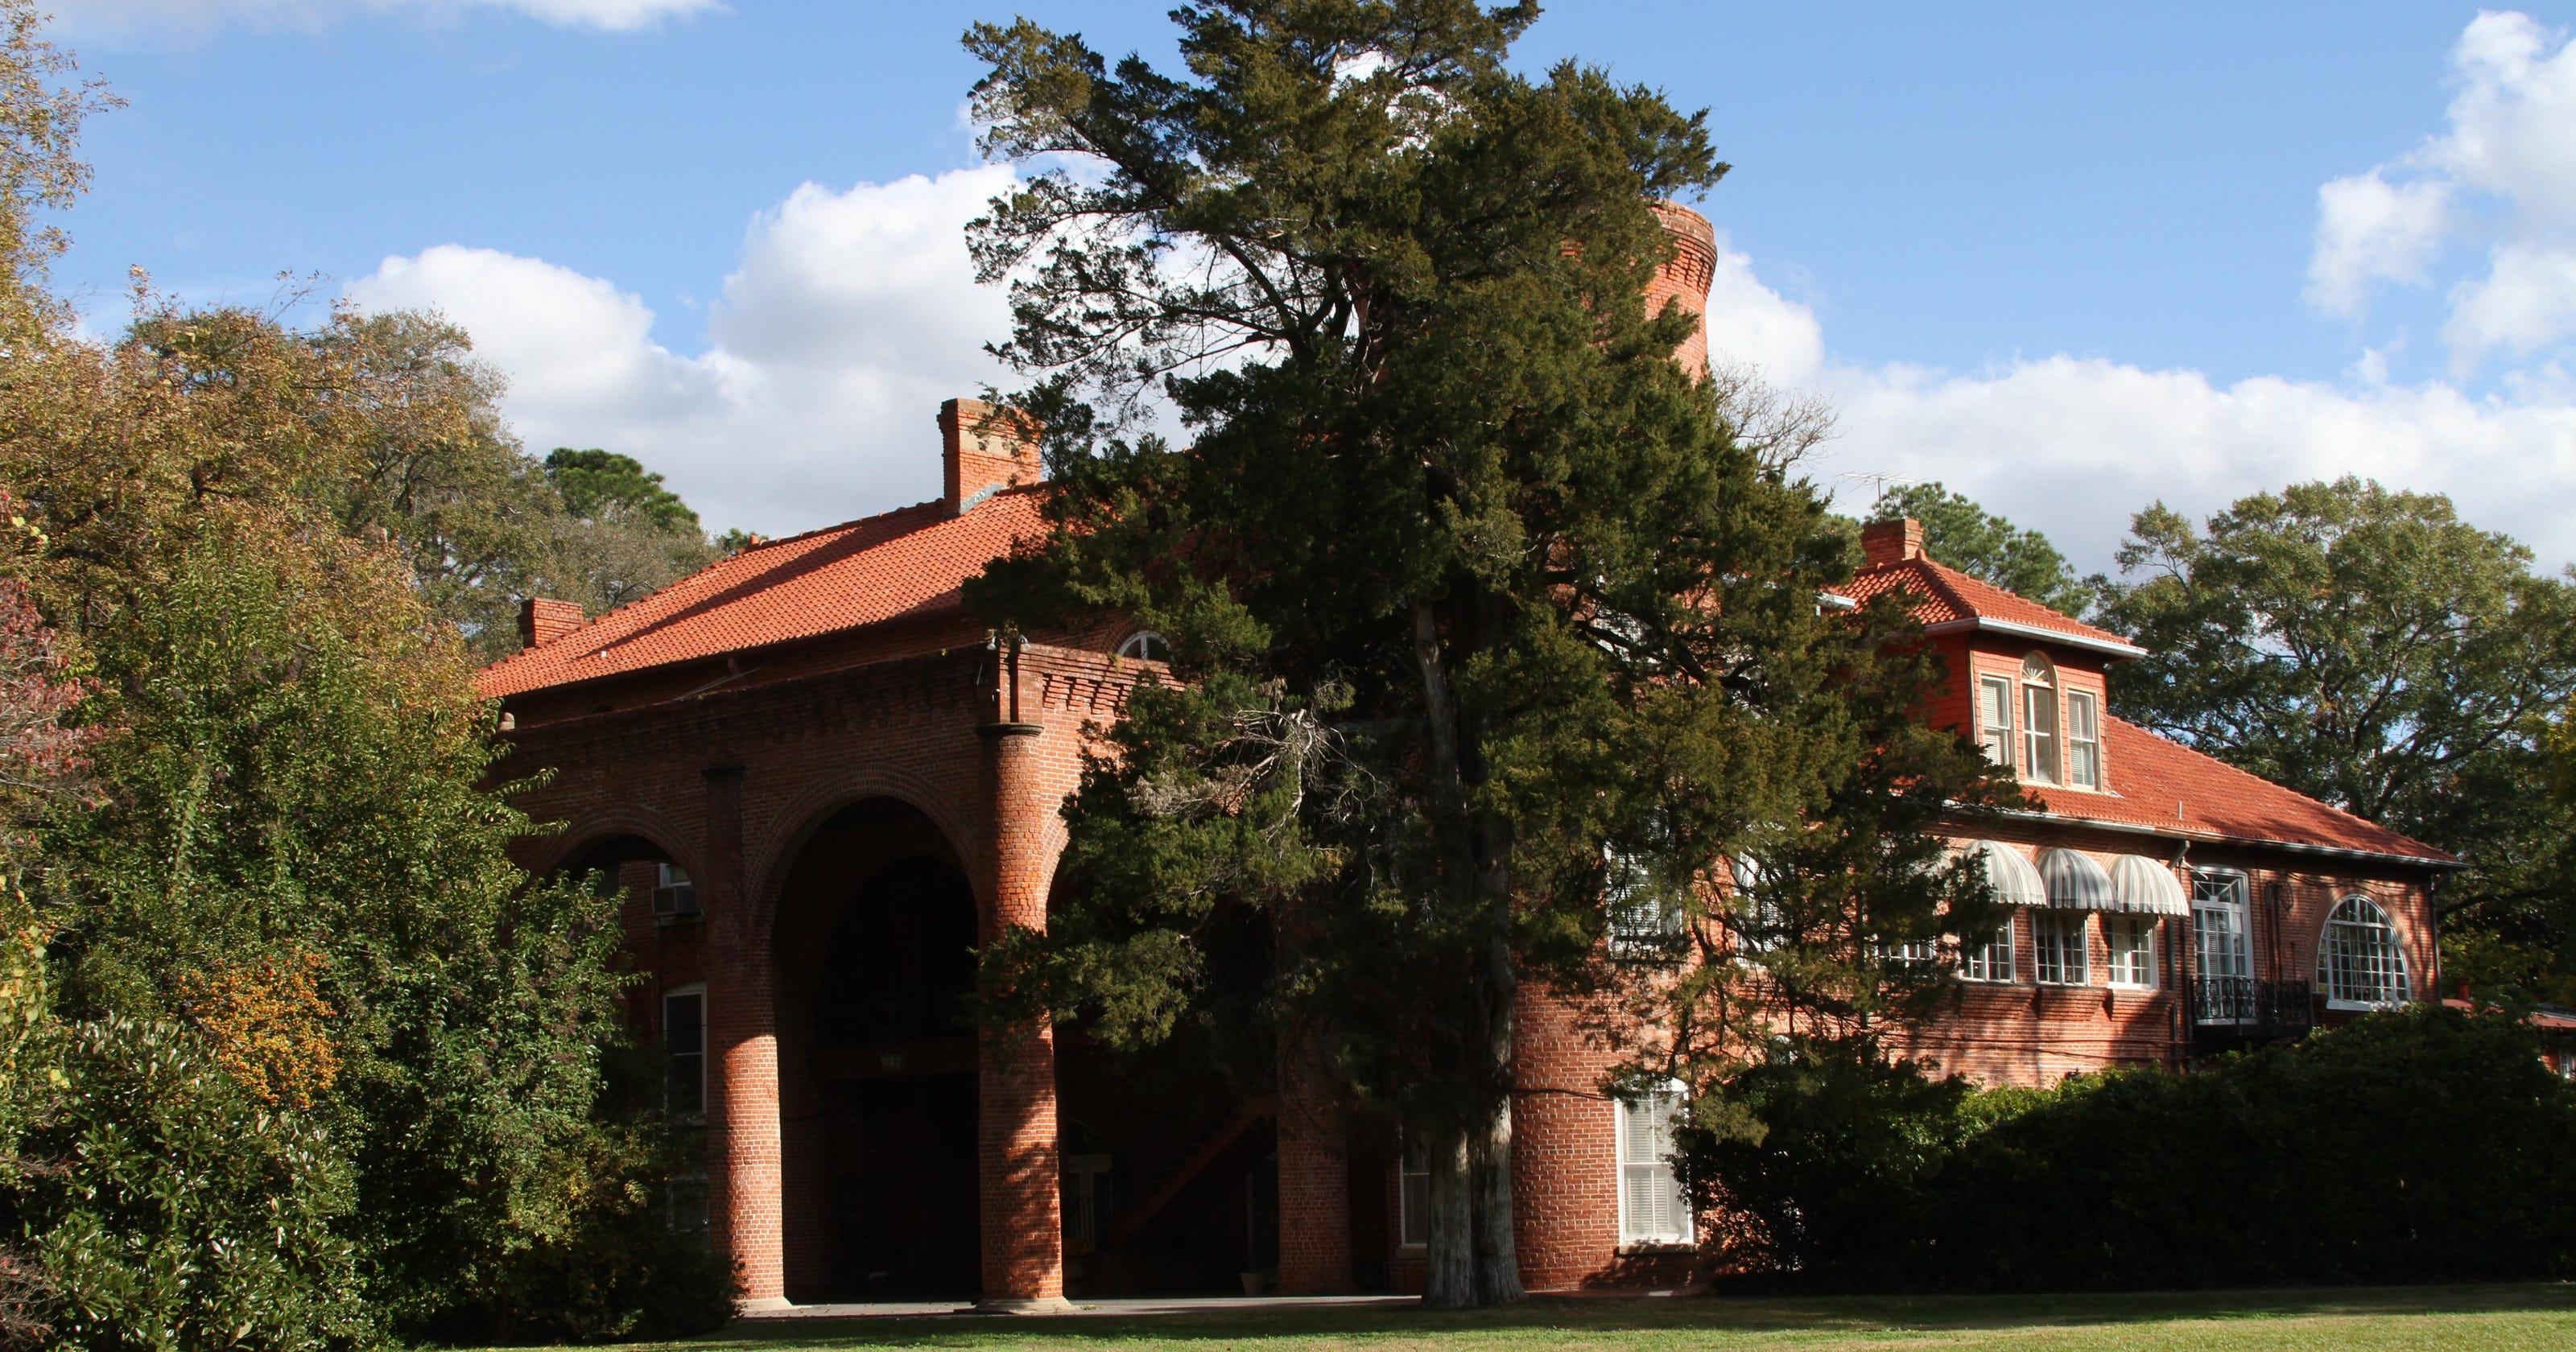 Layton Castle is area landmark